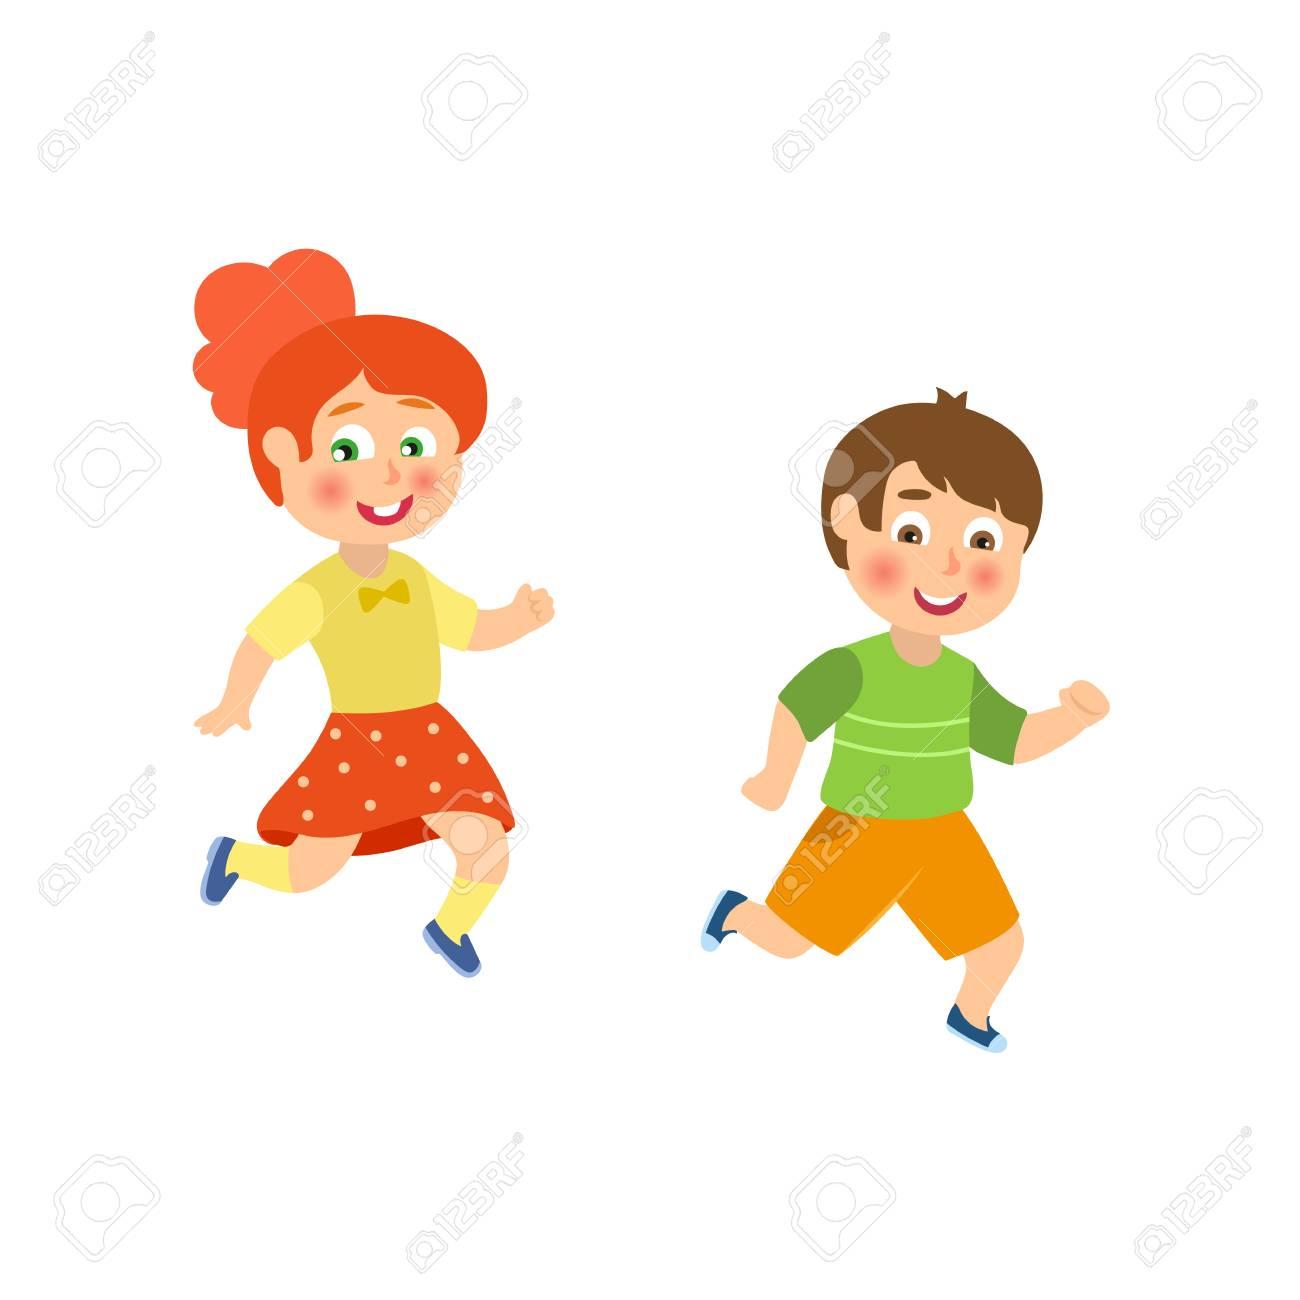 Criancas Criancas Menino E Menina Jogando Tag Correndo La Fora